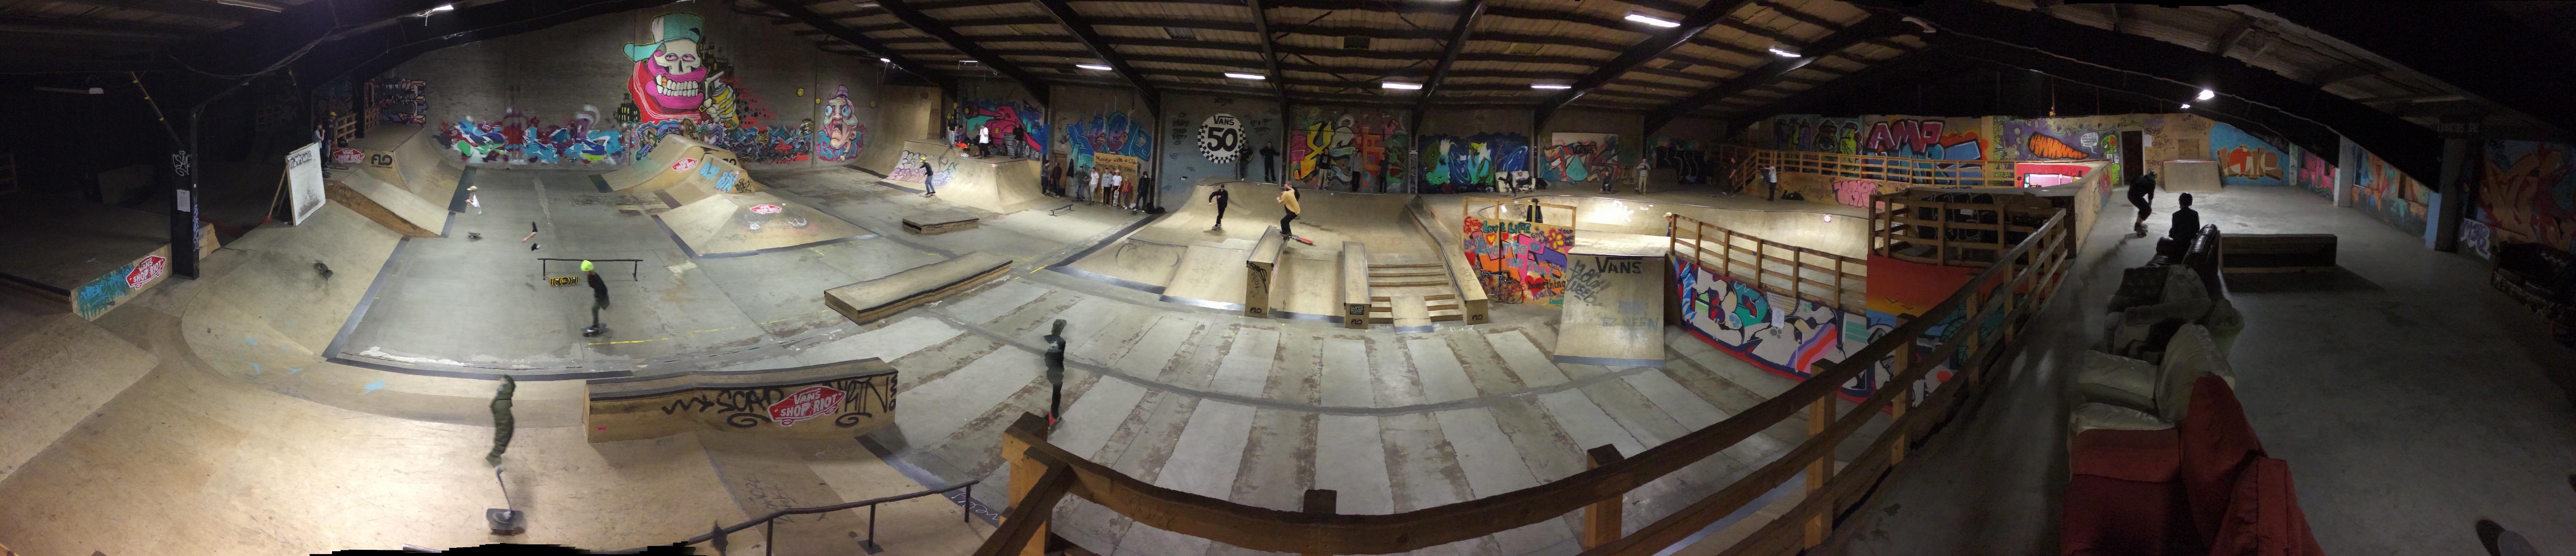 Skateparks In Nottingham Forty Two Guide To Nottingham